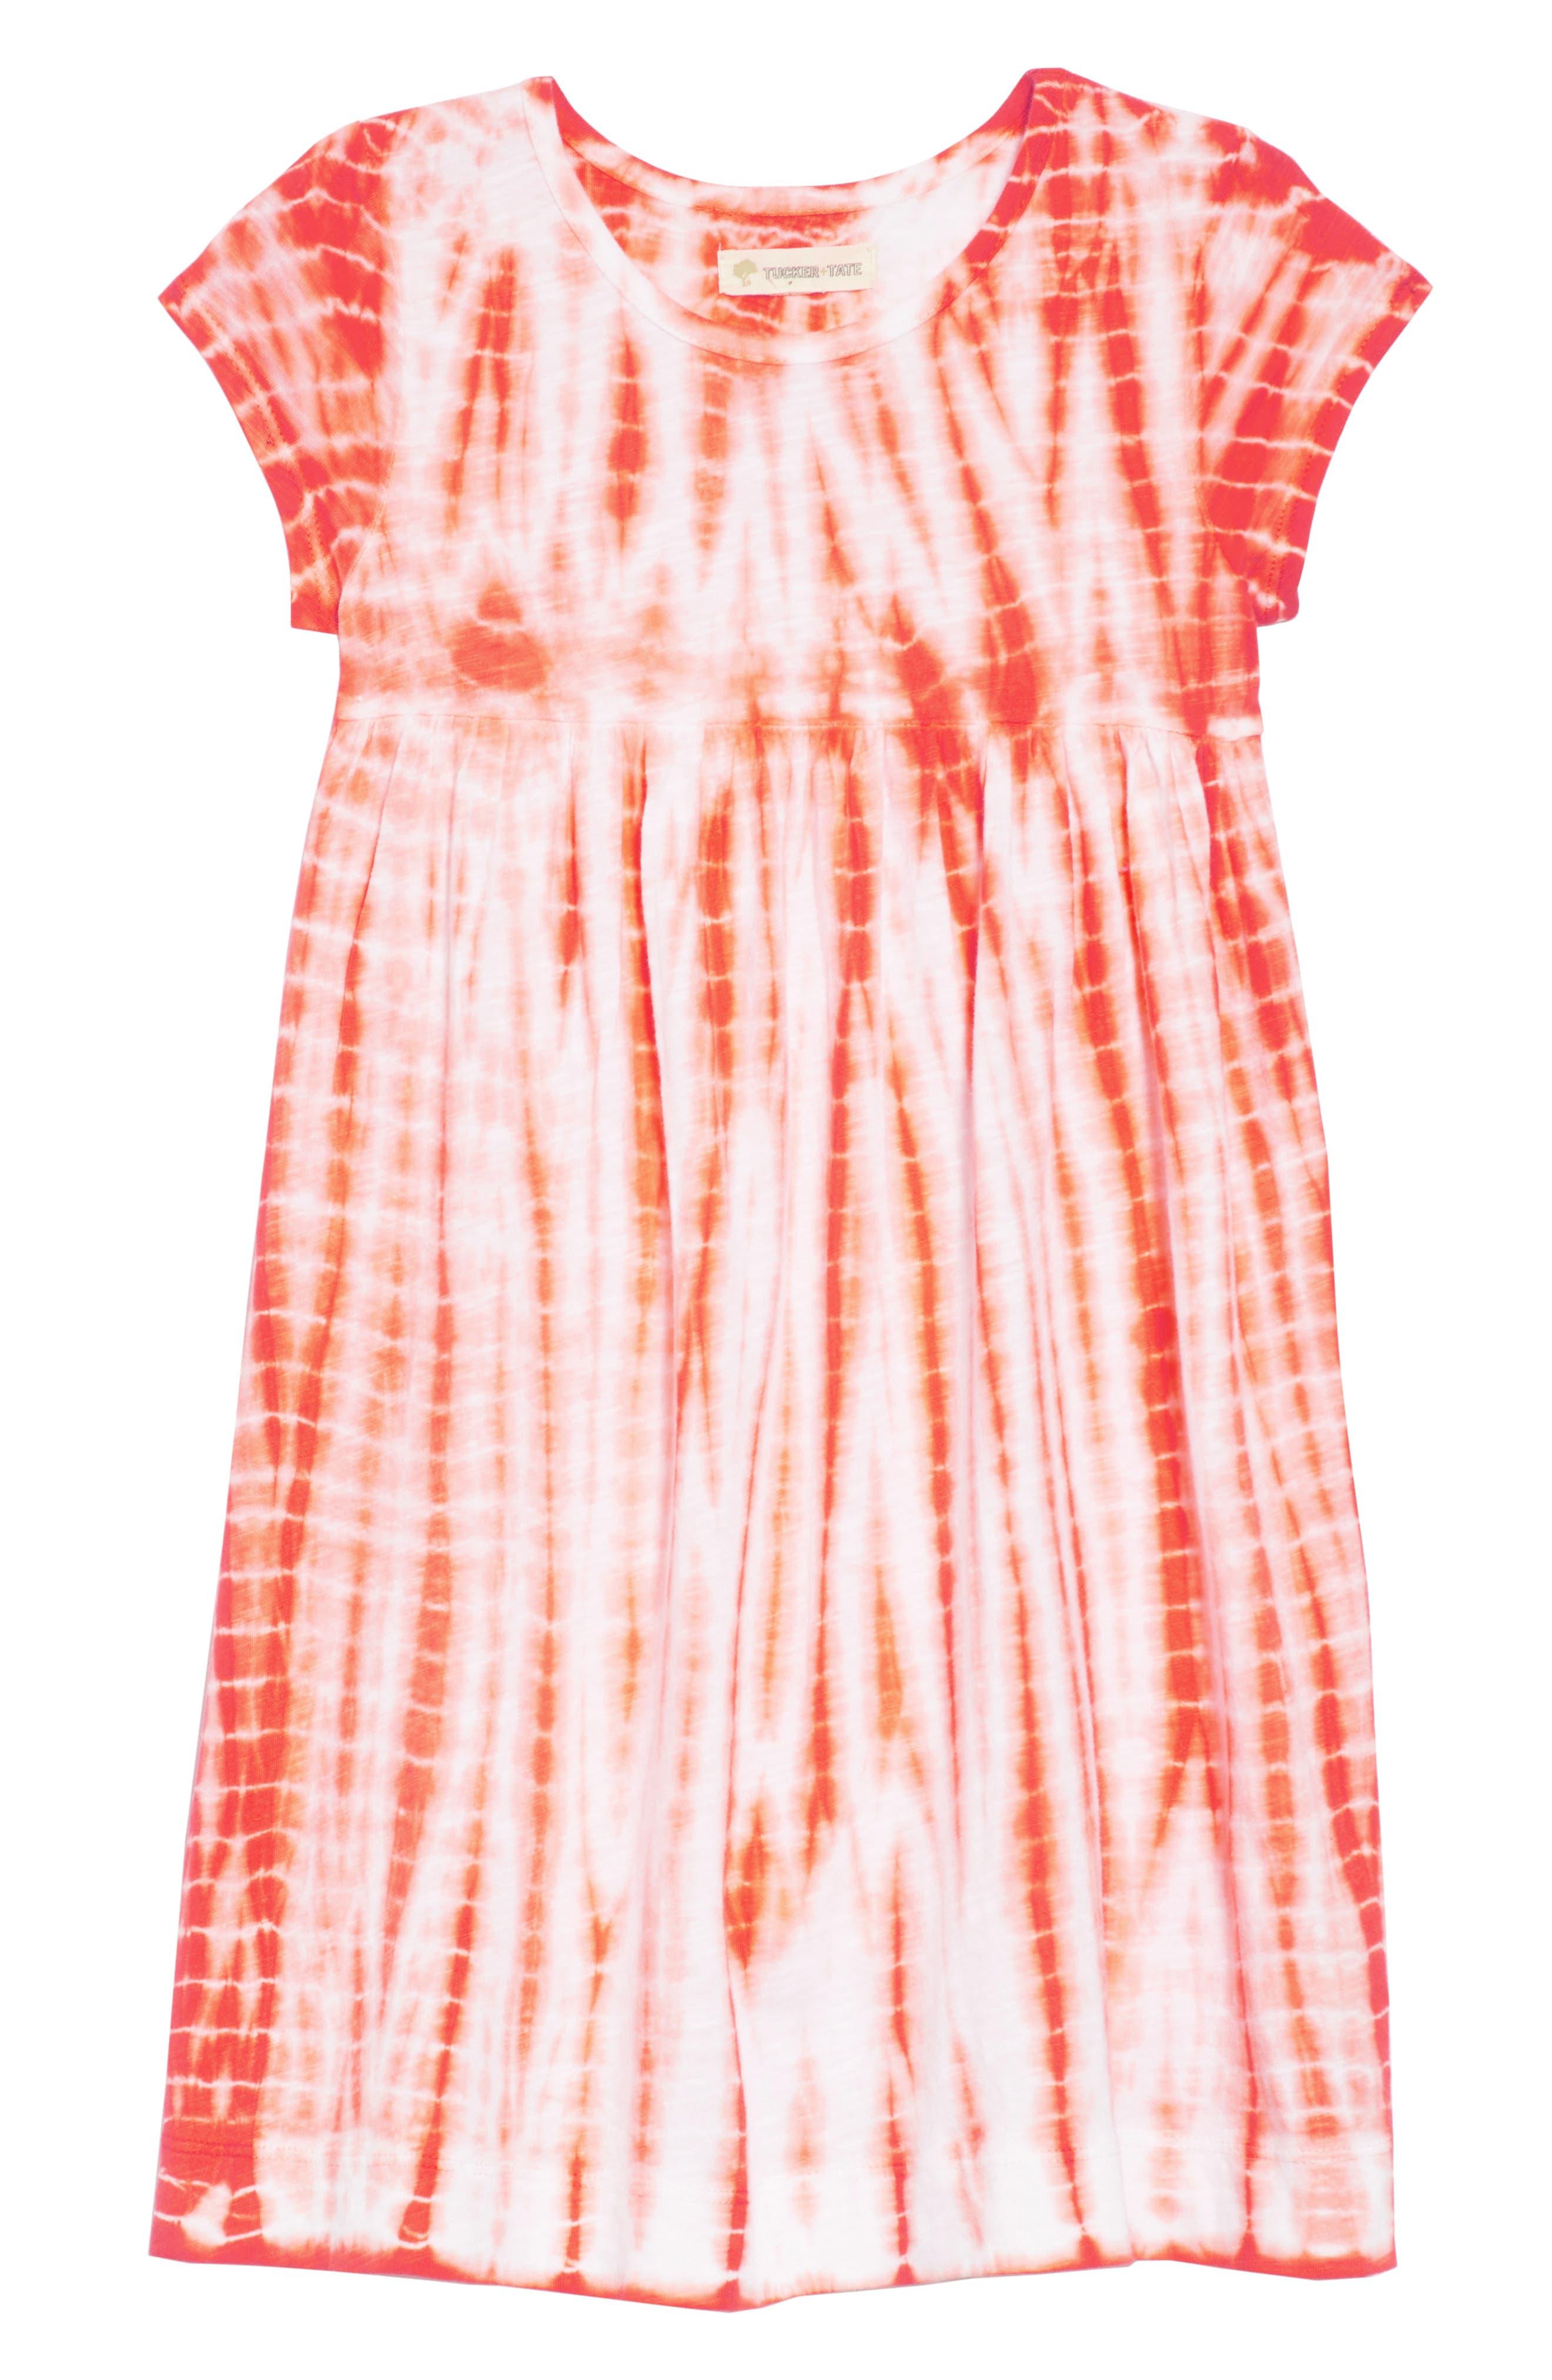 Tie Dye Dress,                             Main thumbnail 1, color,                             White- Coral Tie Dye